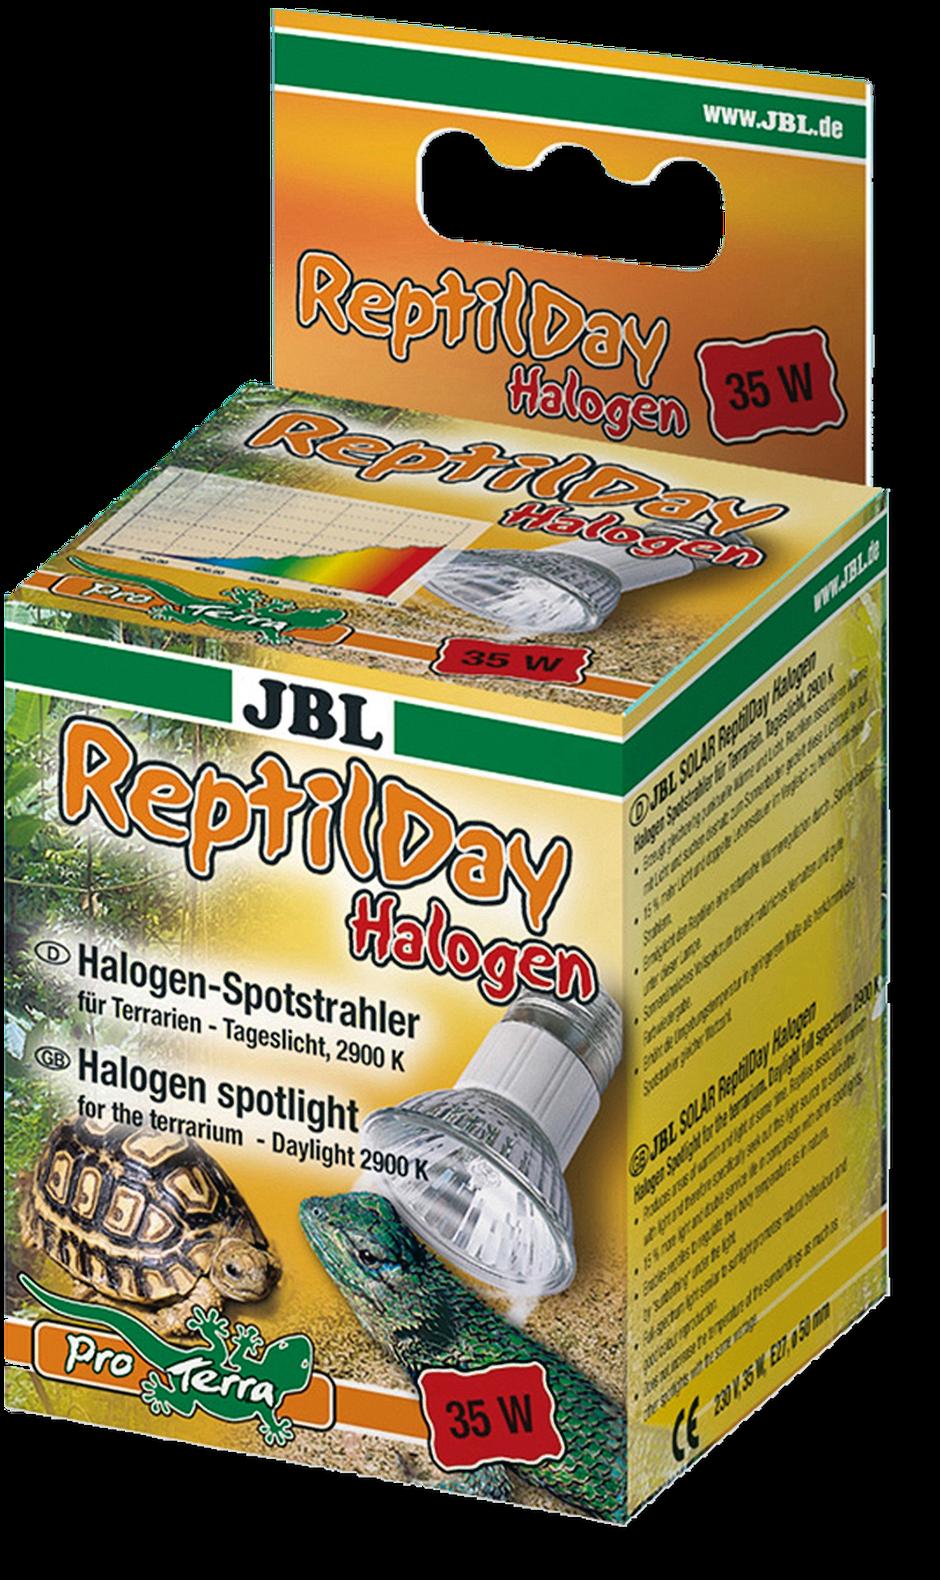 JBL ReptilDay Halogen 50 W